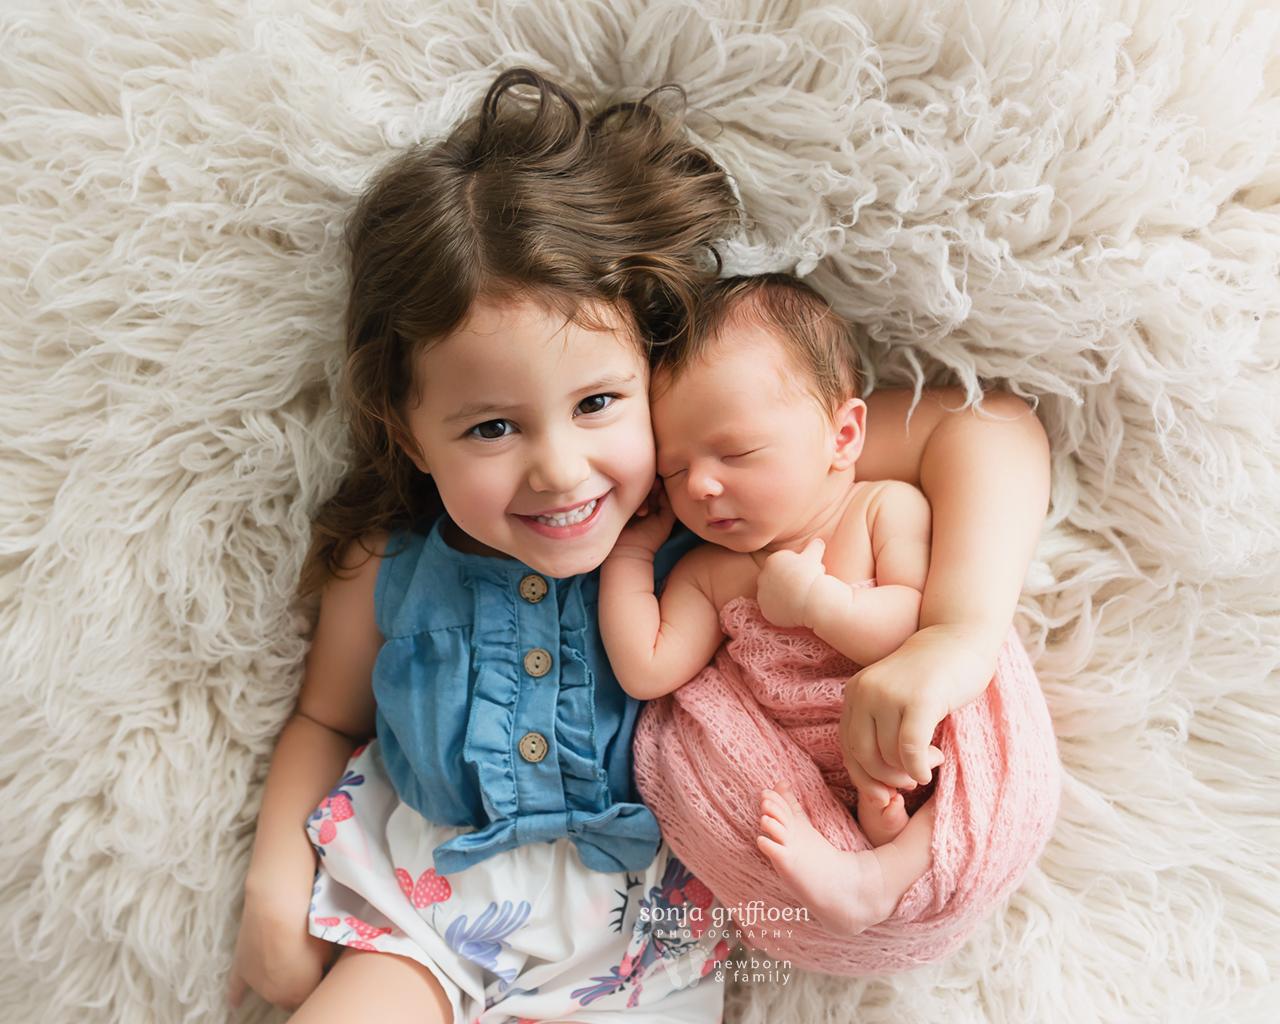 Delilah-Newborn-Brisbane-Newborn-Photographer-Sonja-Griffioen-04.jpg